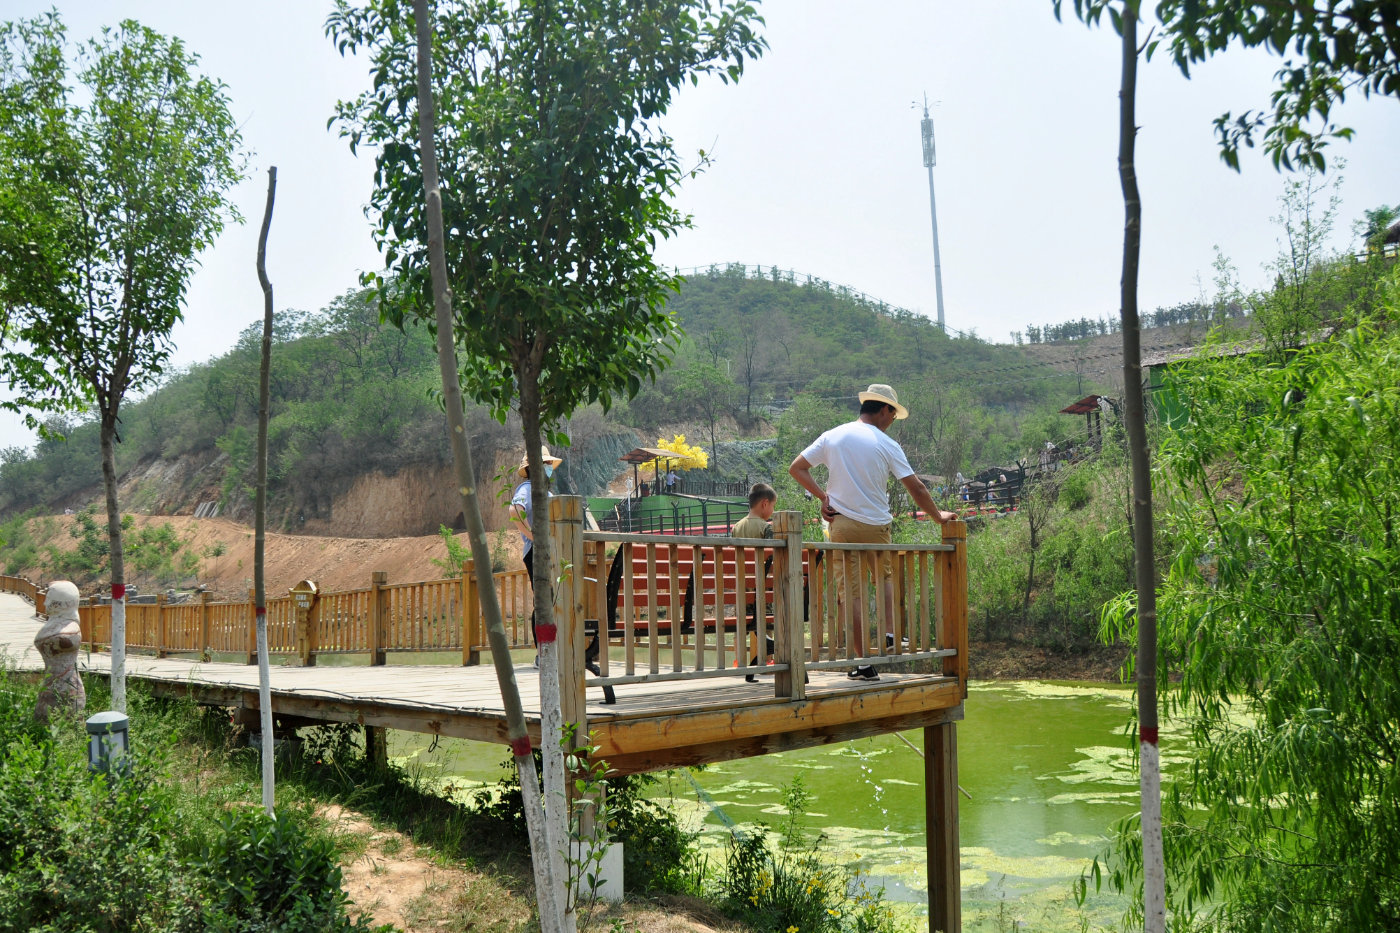 五一小长假哪里去 邯郸佛山野生动物园,户外空气新鲜老少皆宜图片